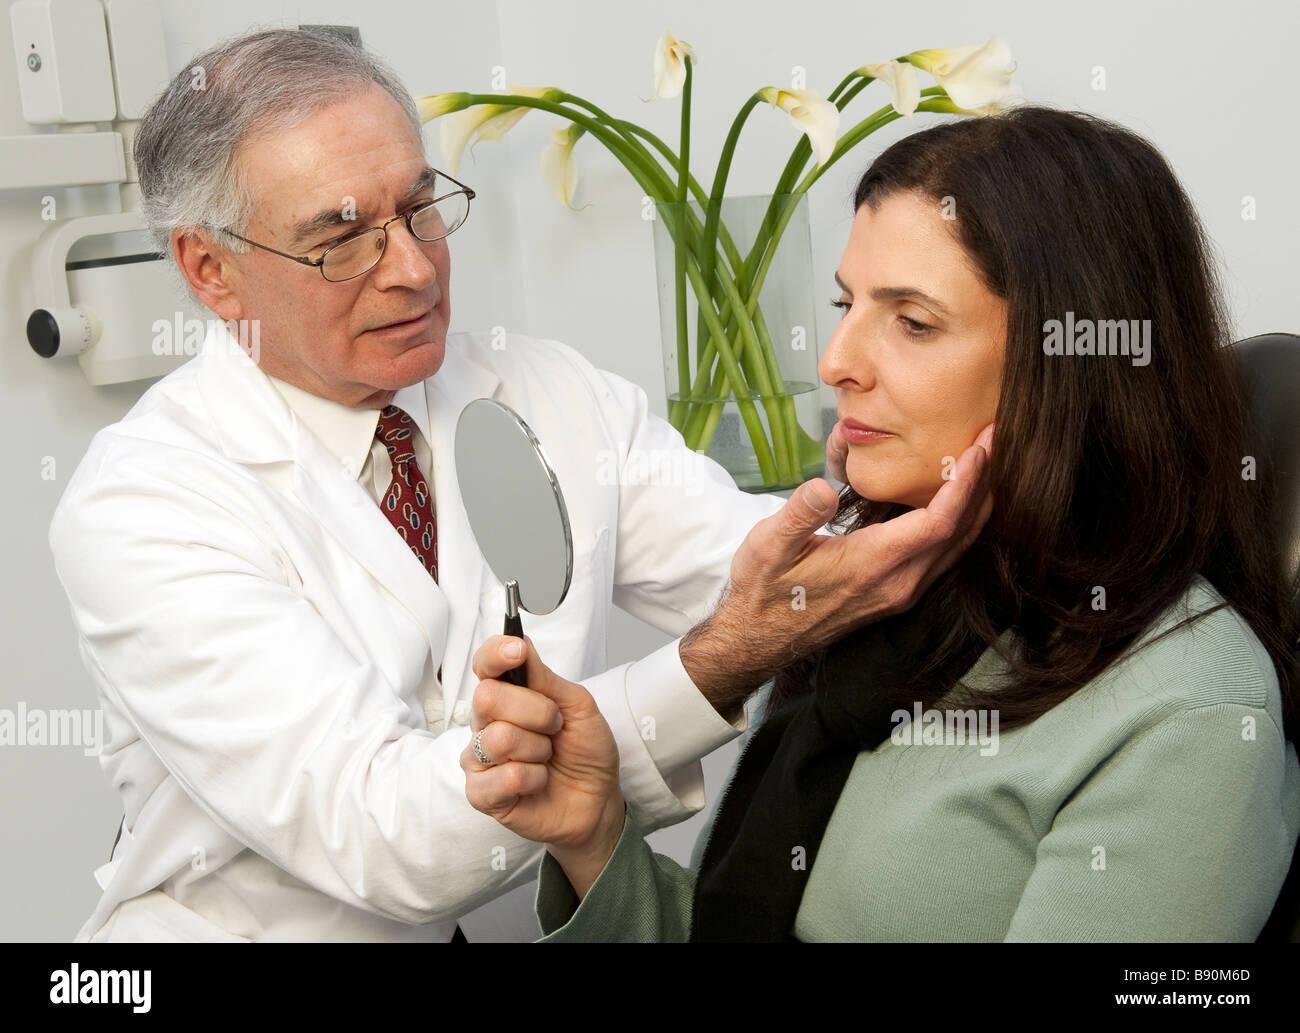 Chirurgie esthétique consultation avec le patient. Photo Stock